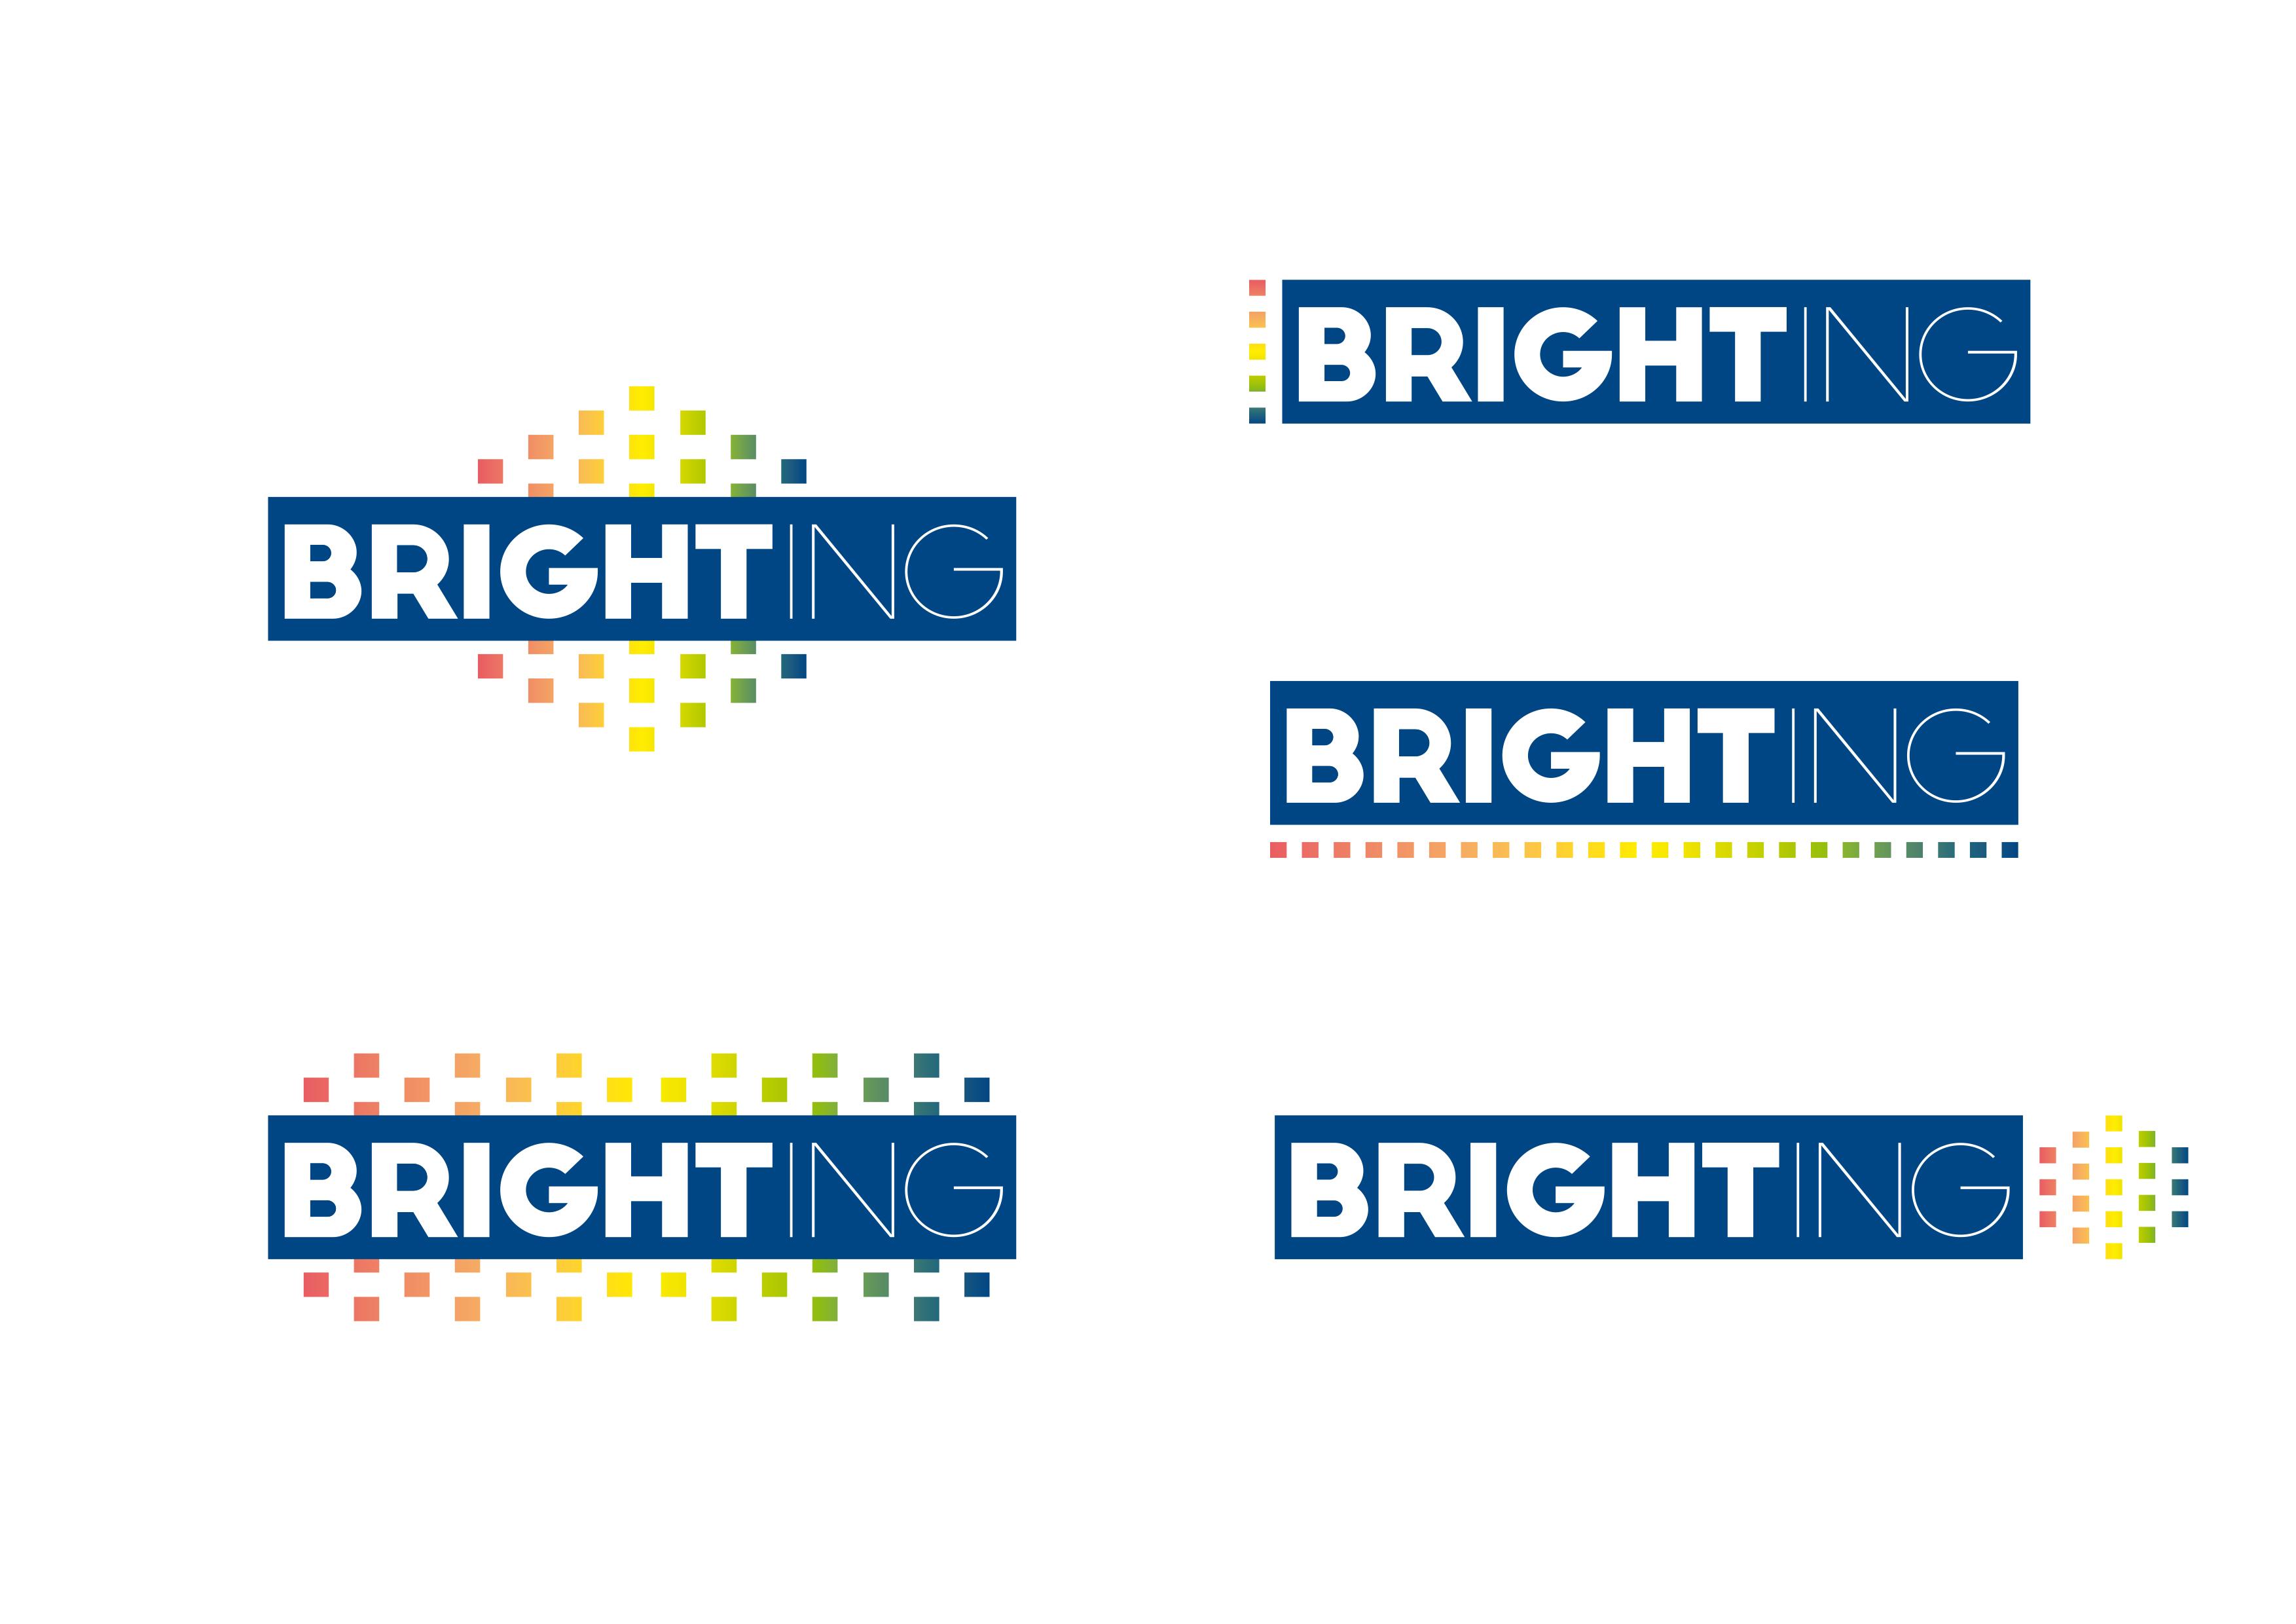 Logotipo Brighting by Luis Miguel Munilla - Creative Work